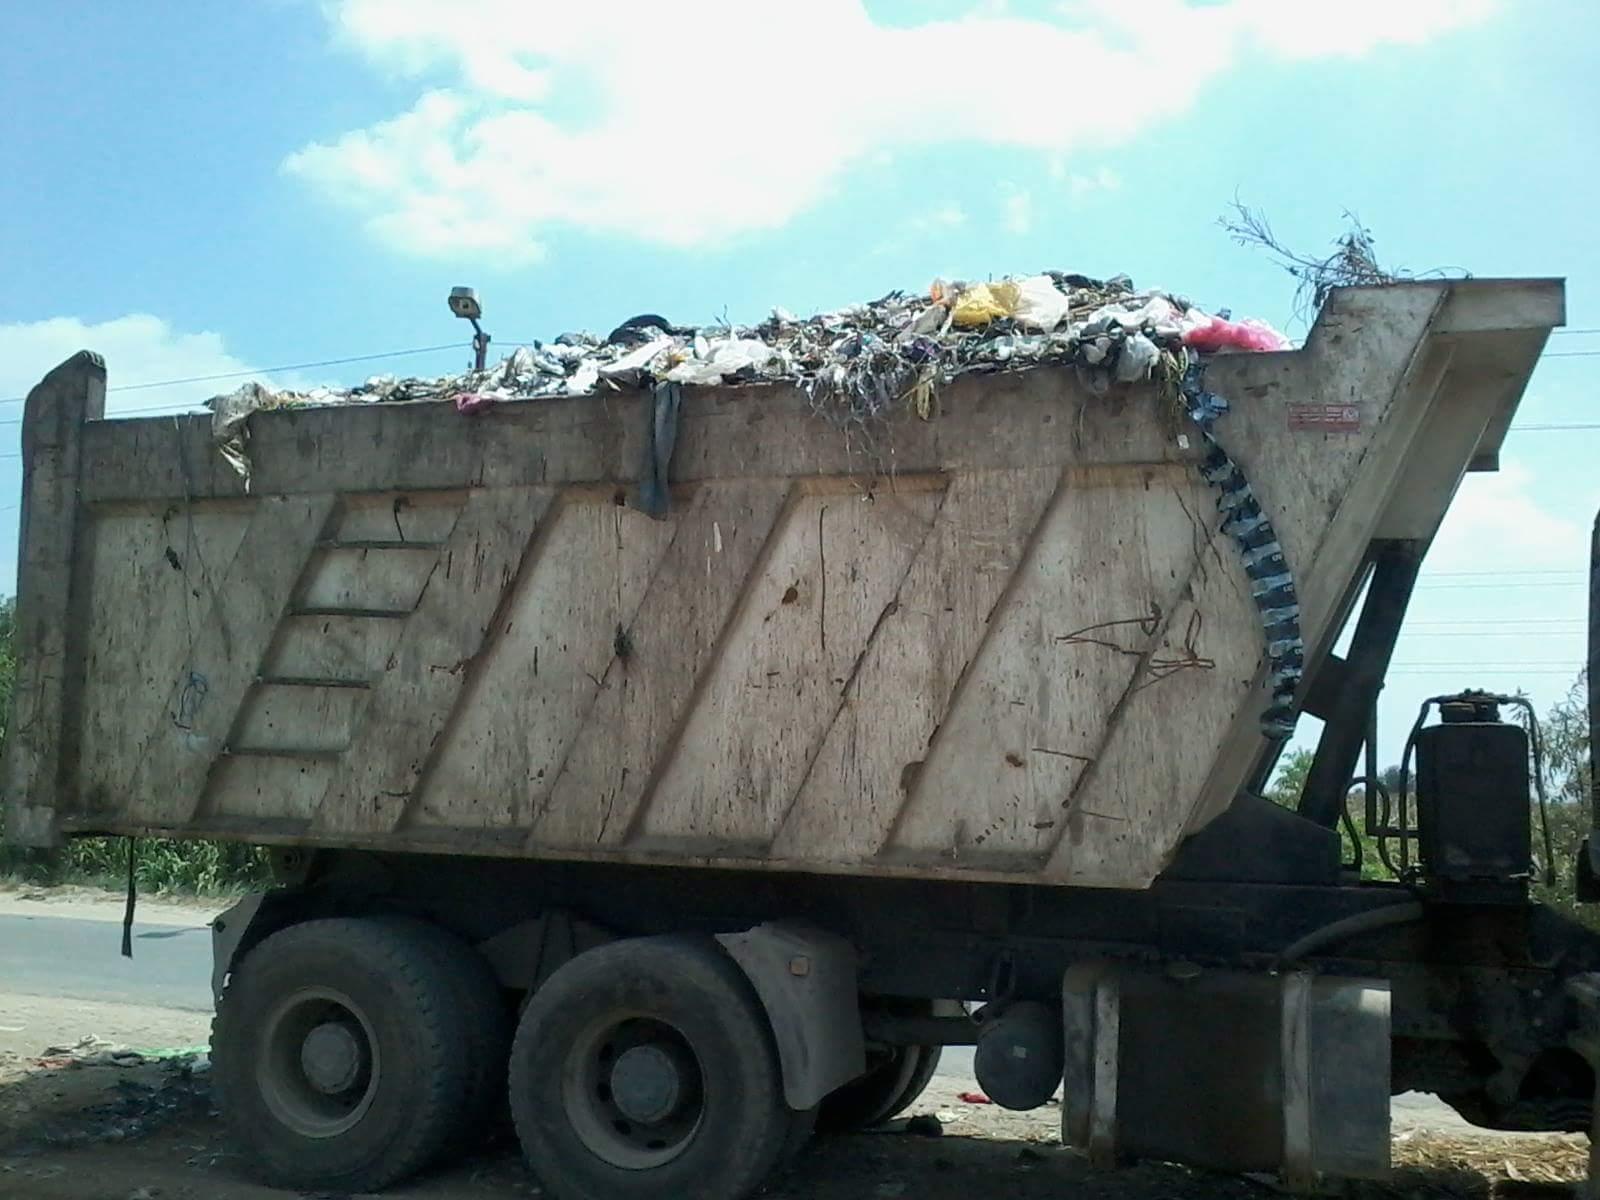 وقف جمع القمامة من عزبة بالقناطر عقاب أهلها لرفضهم رميها على مدخلها